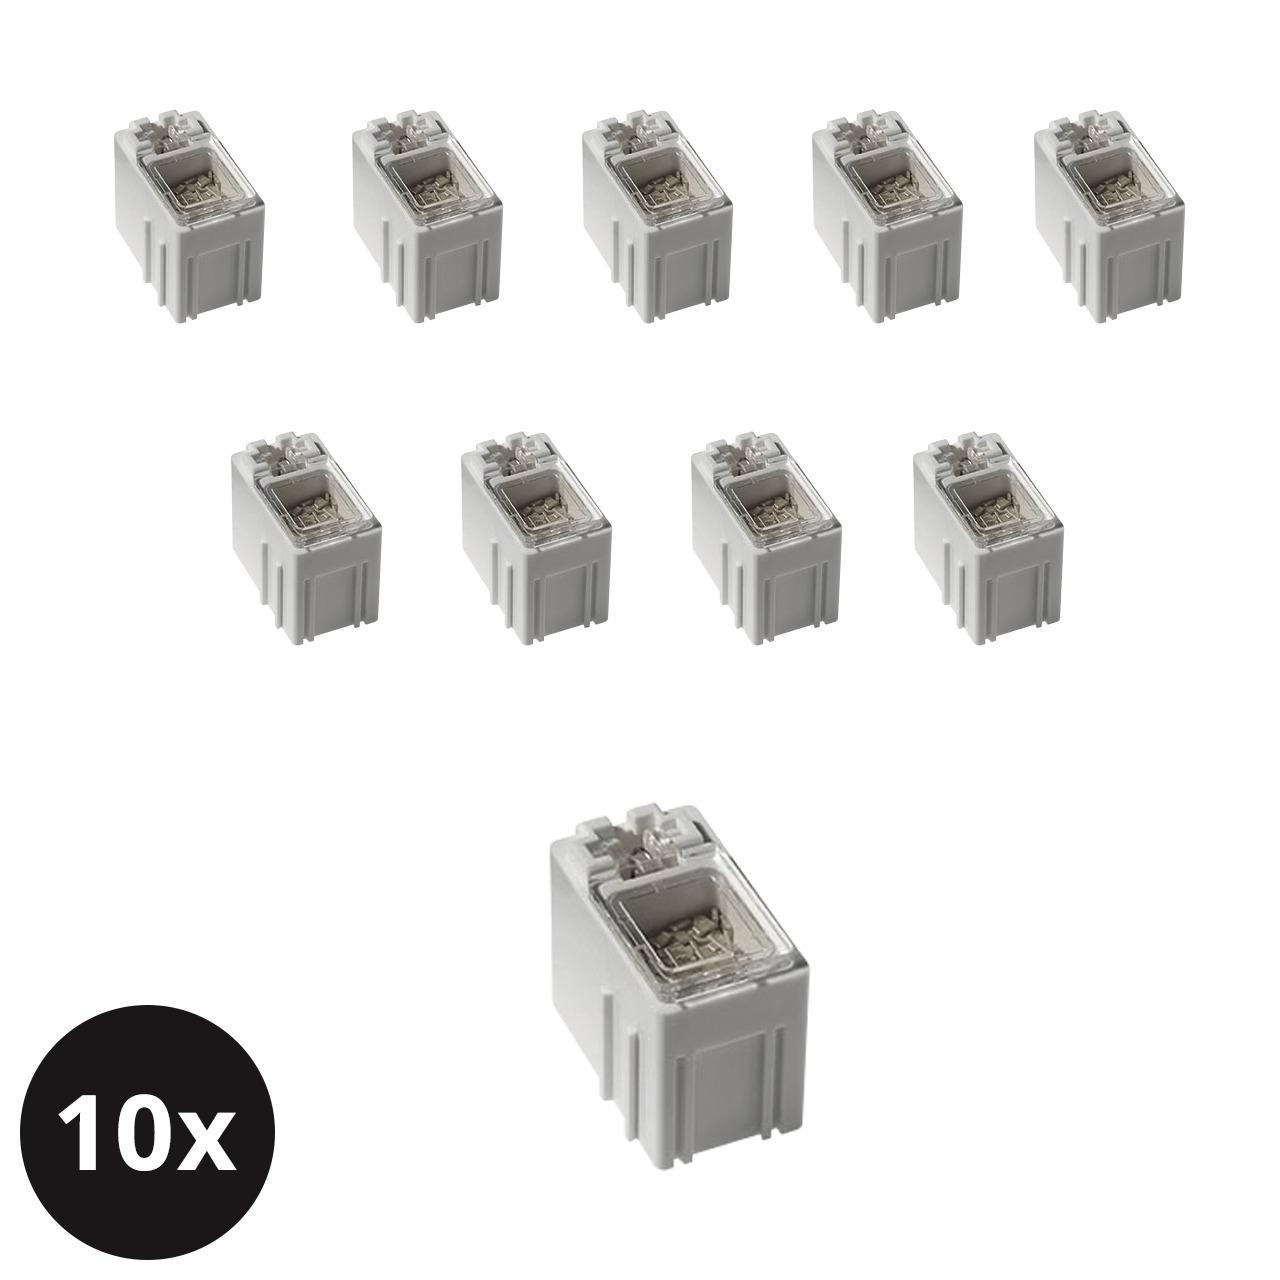 ELV 10er-Set SMD-Sortierbox- Altweiss- 23 x 15-5 x 27 mm